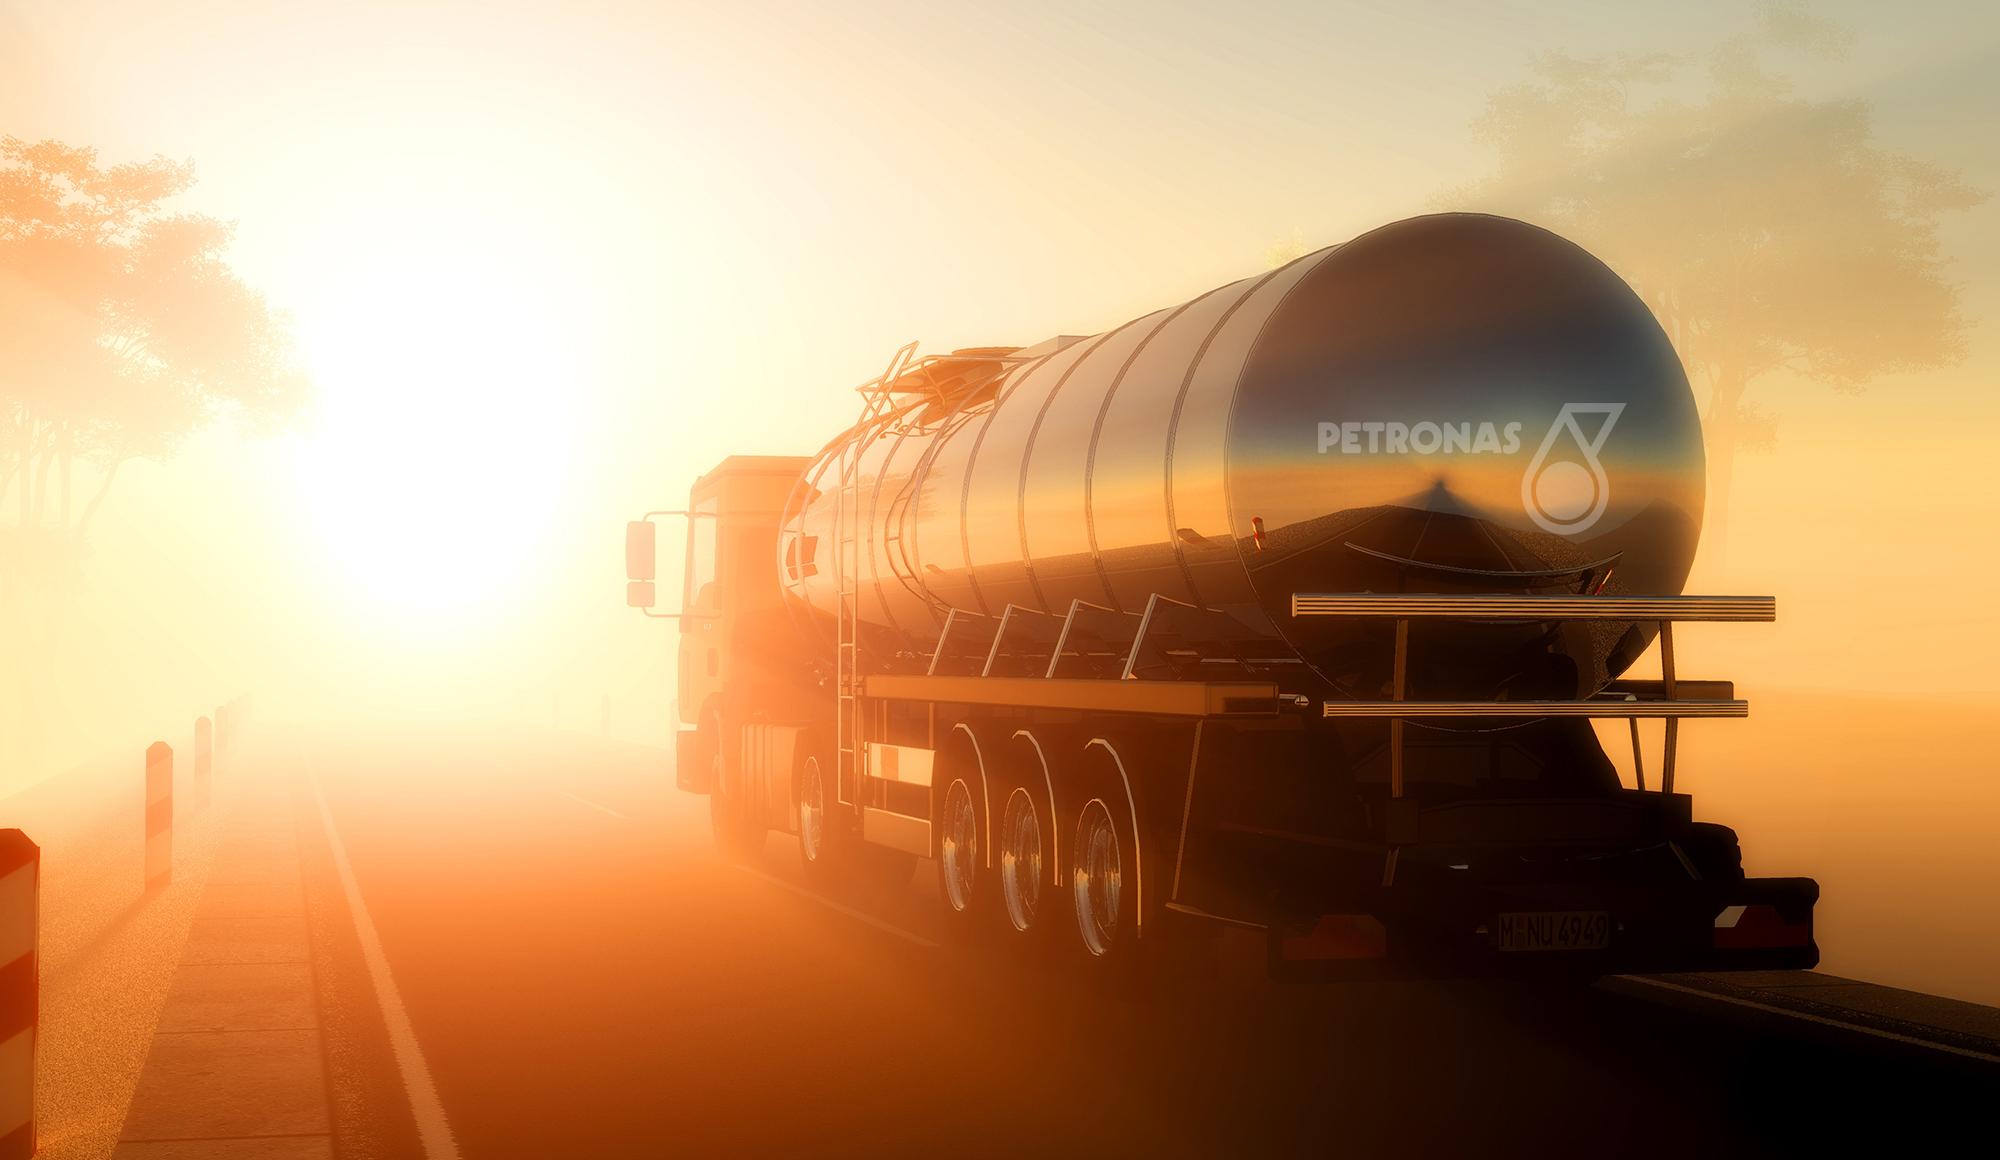 Motorové, převodové, průmyslové oleje, mazací tuky, biologicky odbouratelné tuky